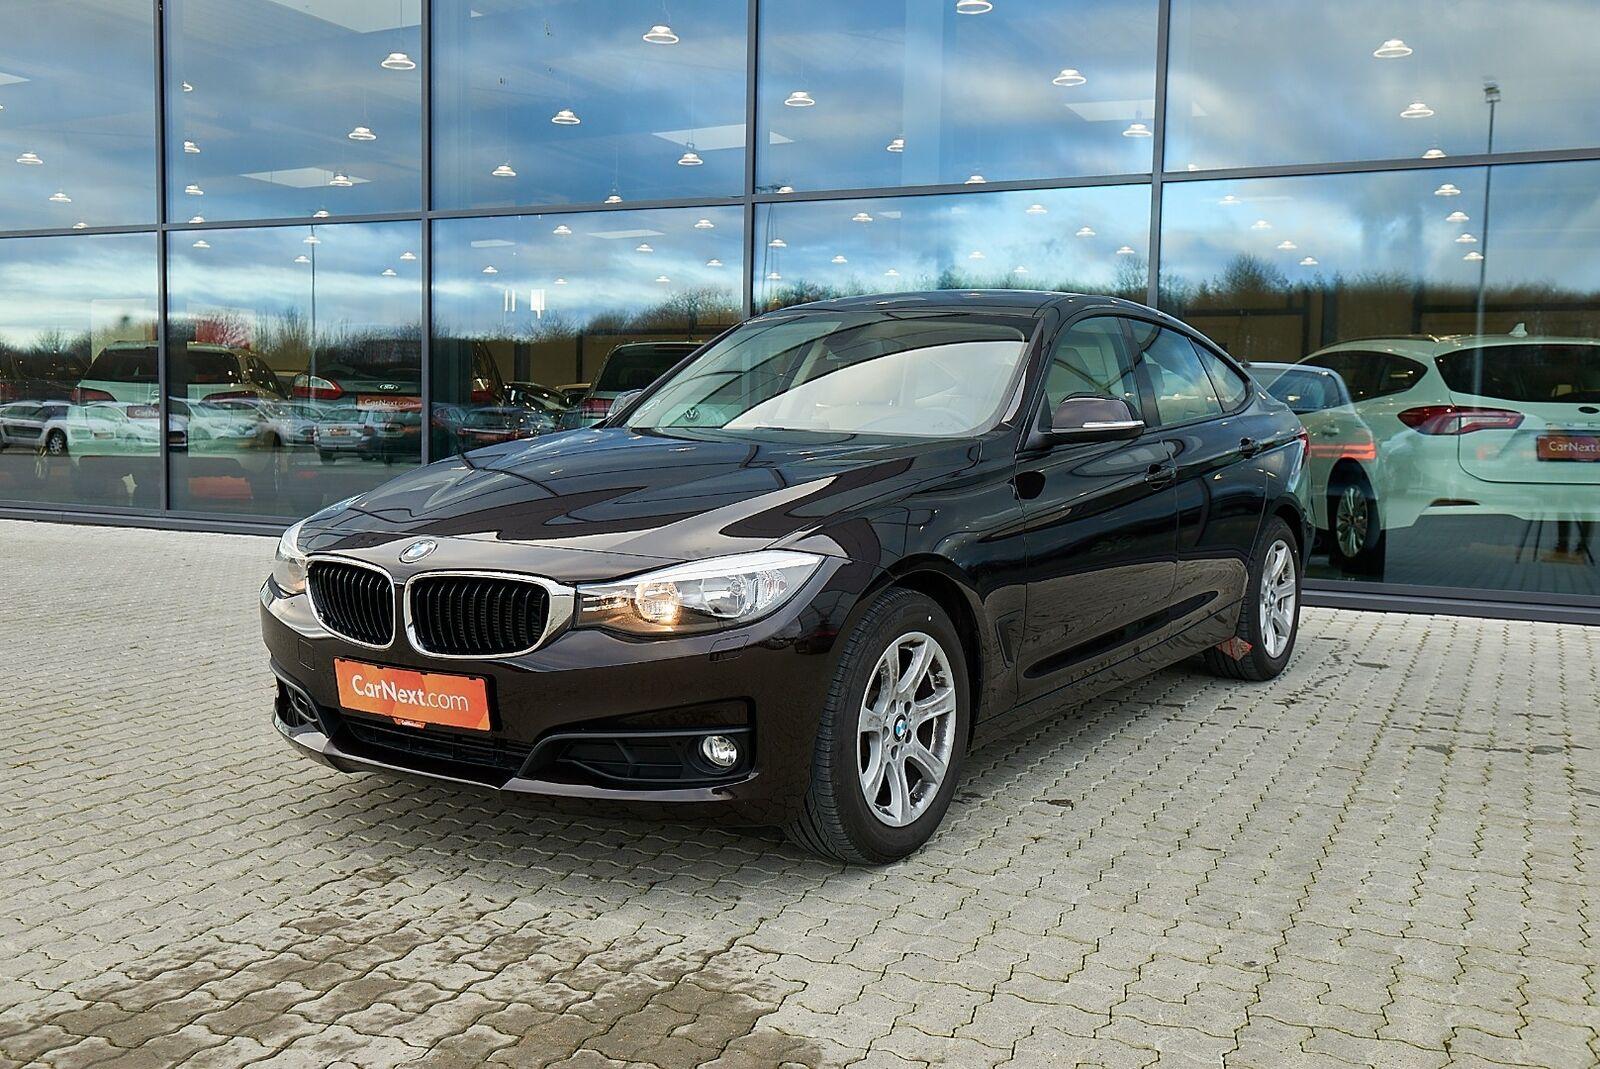 BMW 320d 2,0 Gran Turismo aut. 5d - 269.900 kr.